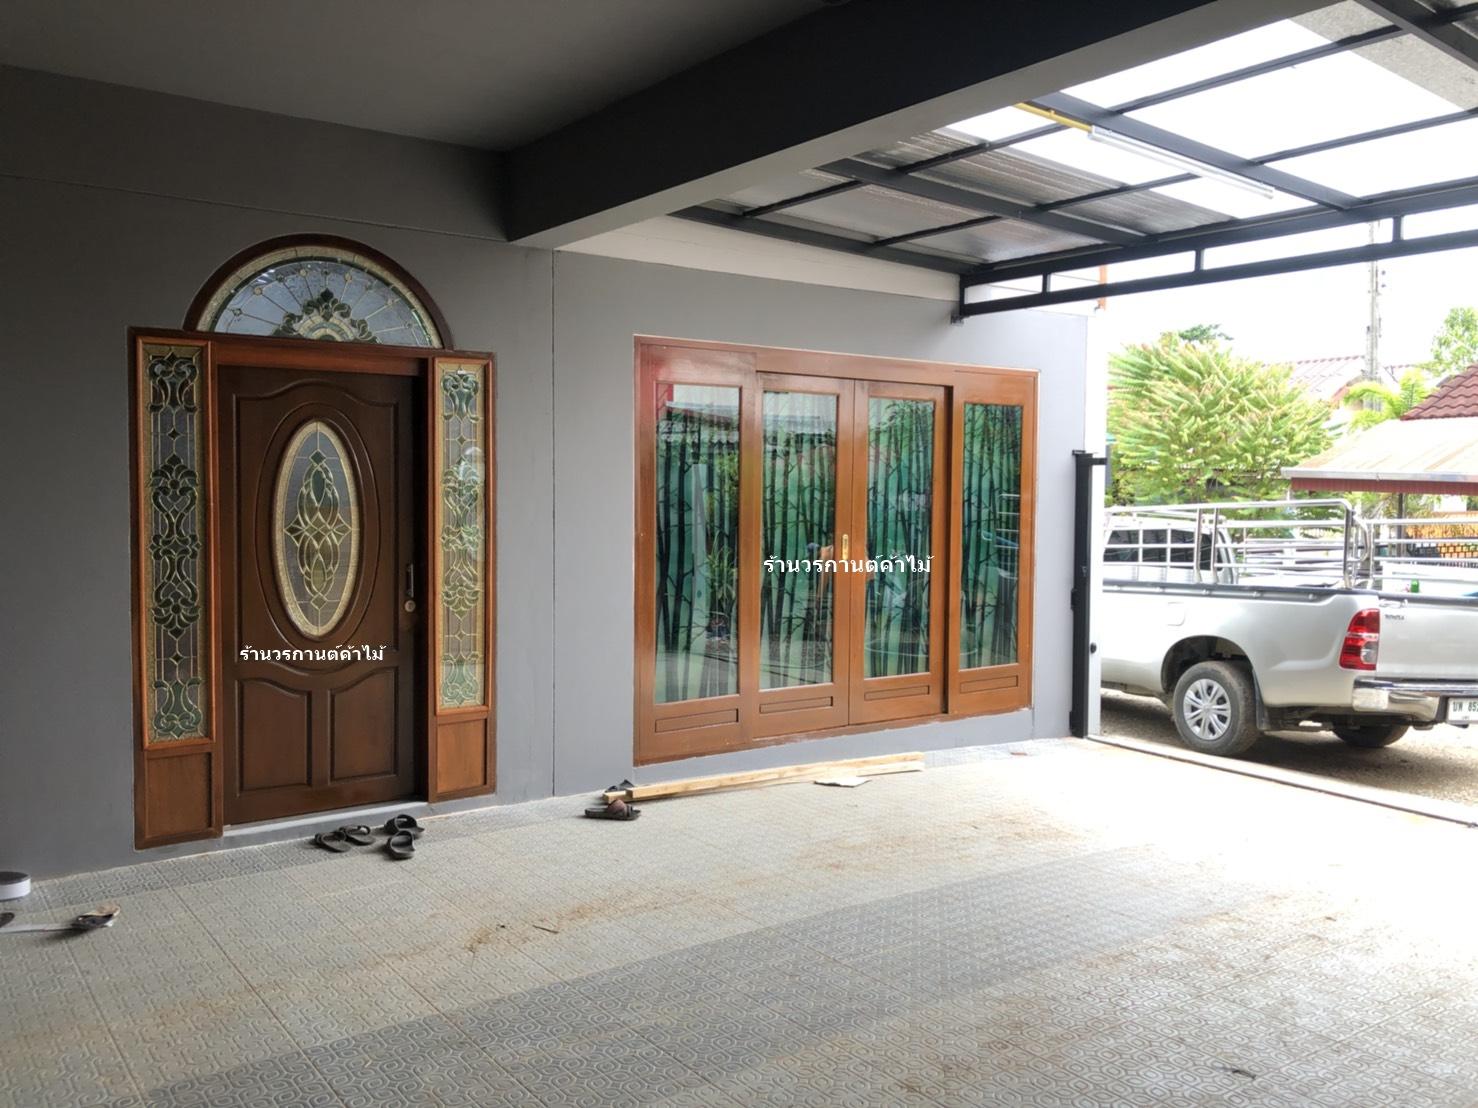 ประตูไม้สักกระจกนิรภัย ชุด4ชิ้น รหัสAAA112